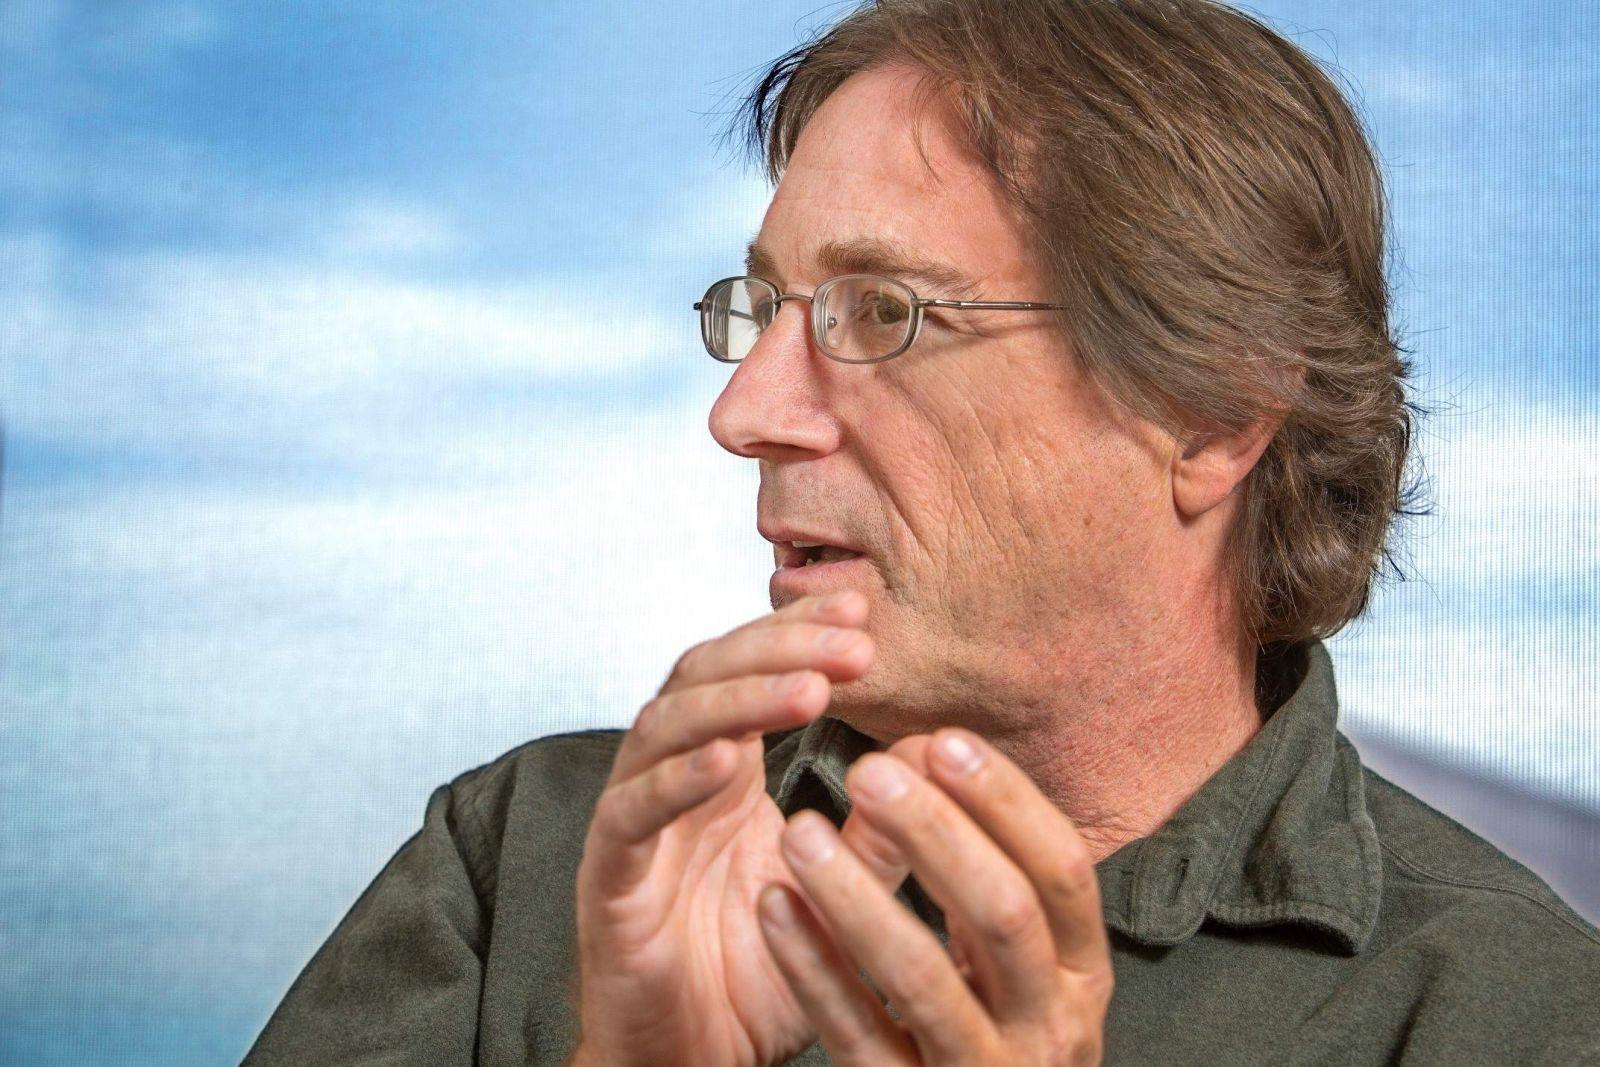 Dave Gilbert, the J. Herbert Taylor Distinguished Professor of Molecular Biology